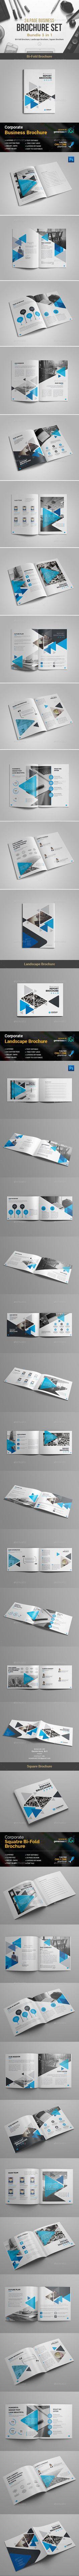 Brochure Set 3 In 1